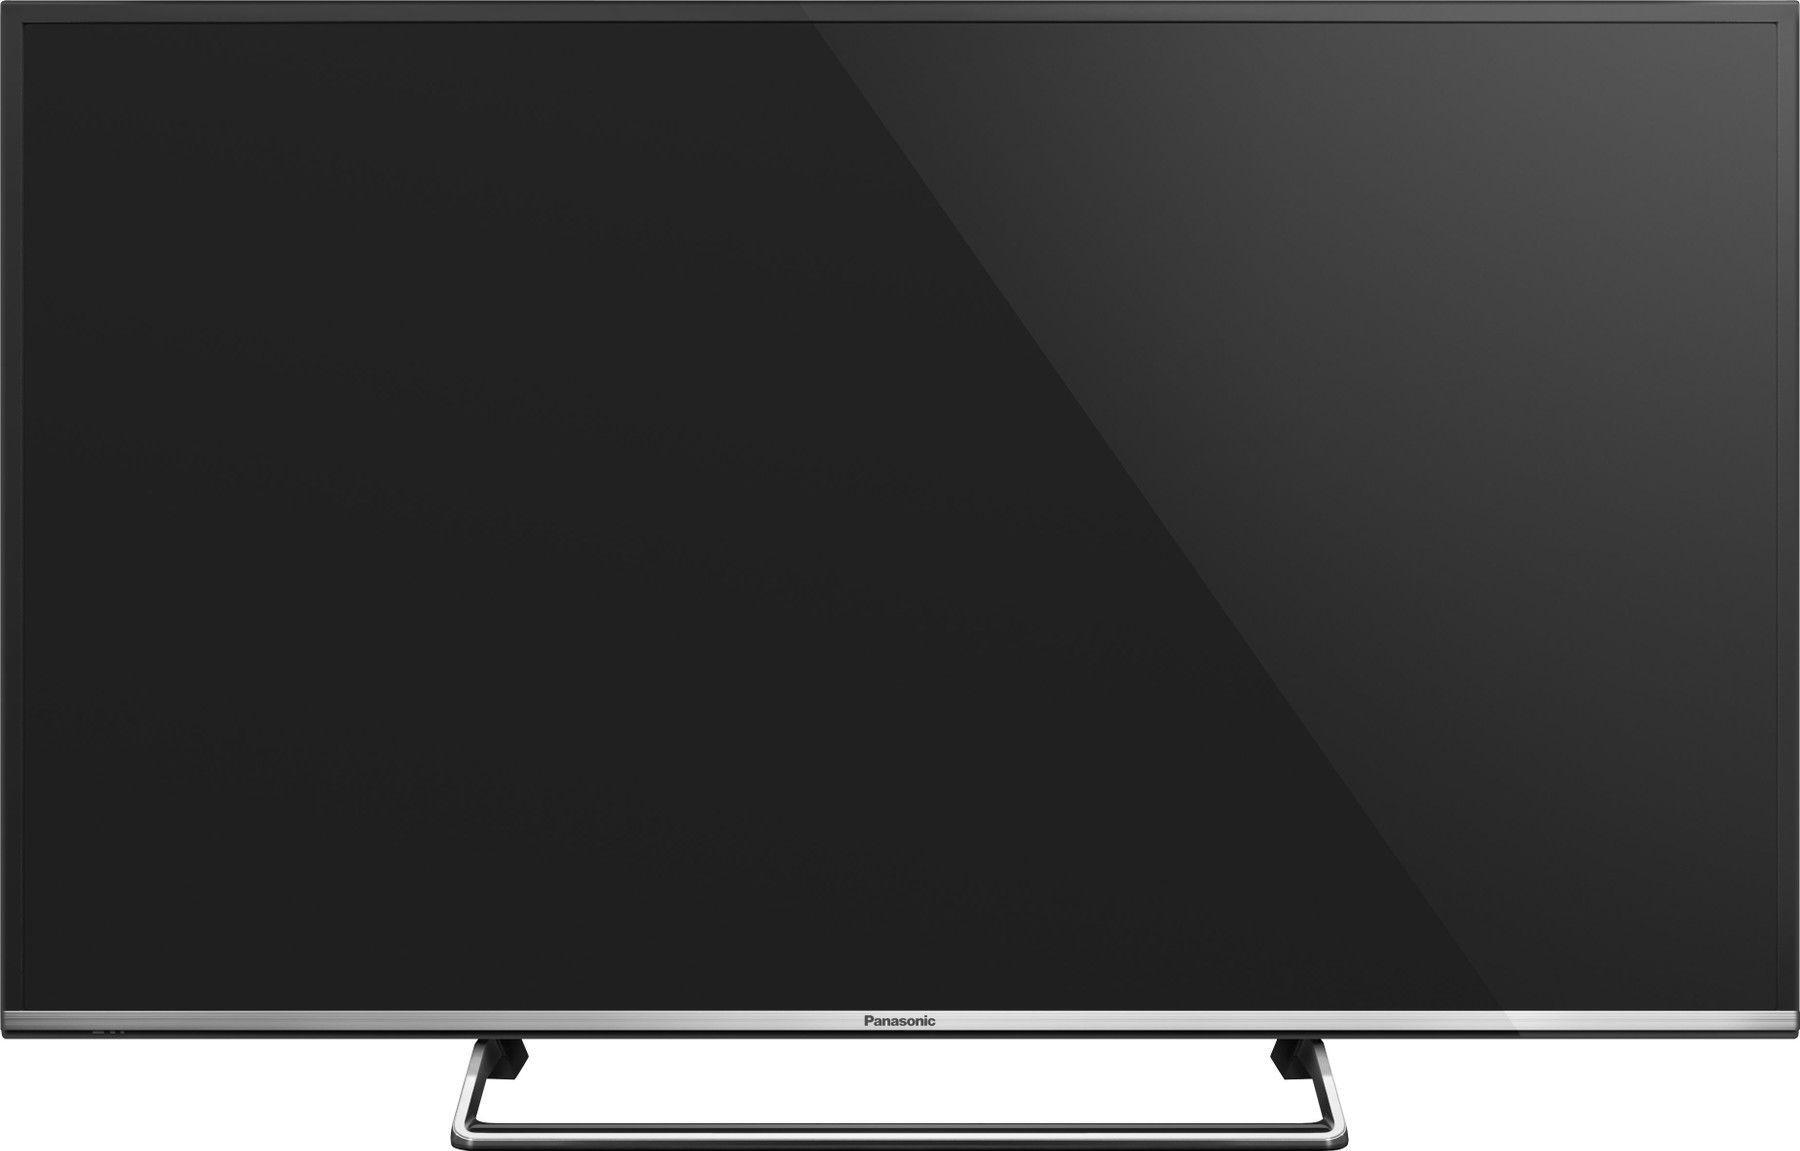 Panasonic TX-40ES510E LED Televizors